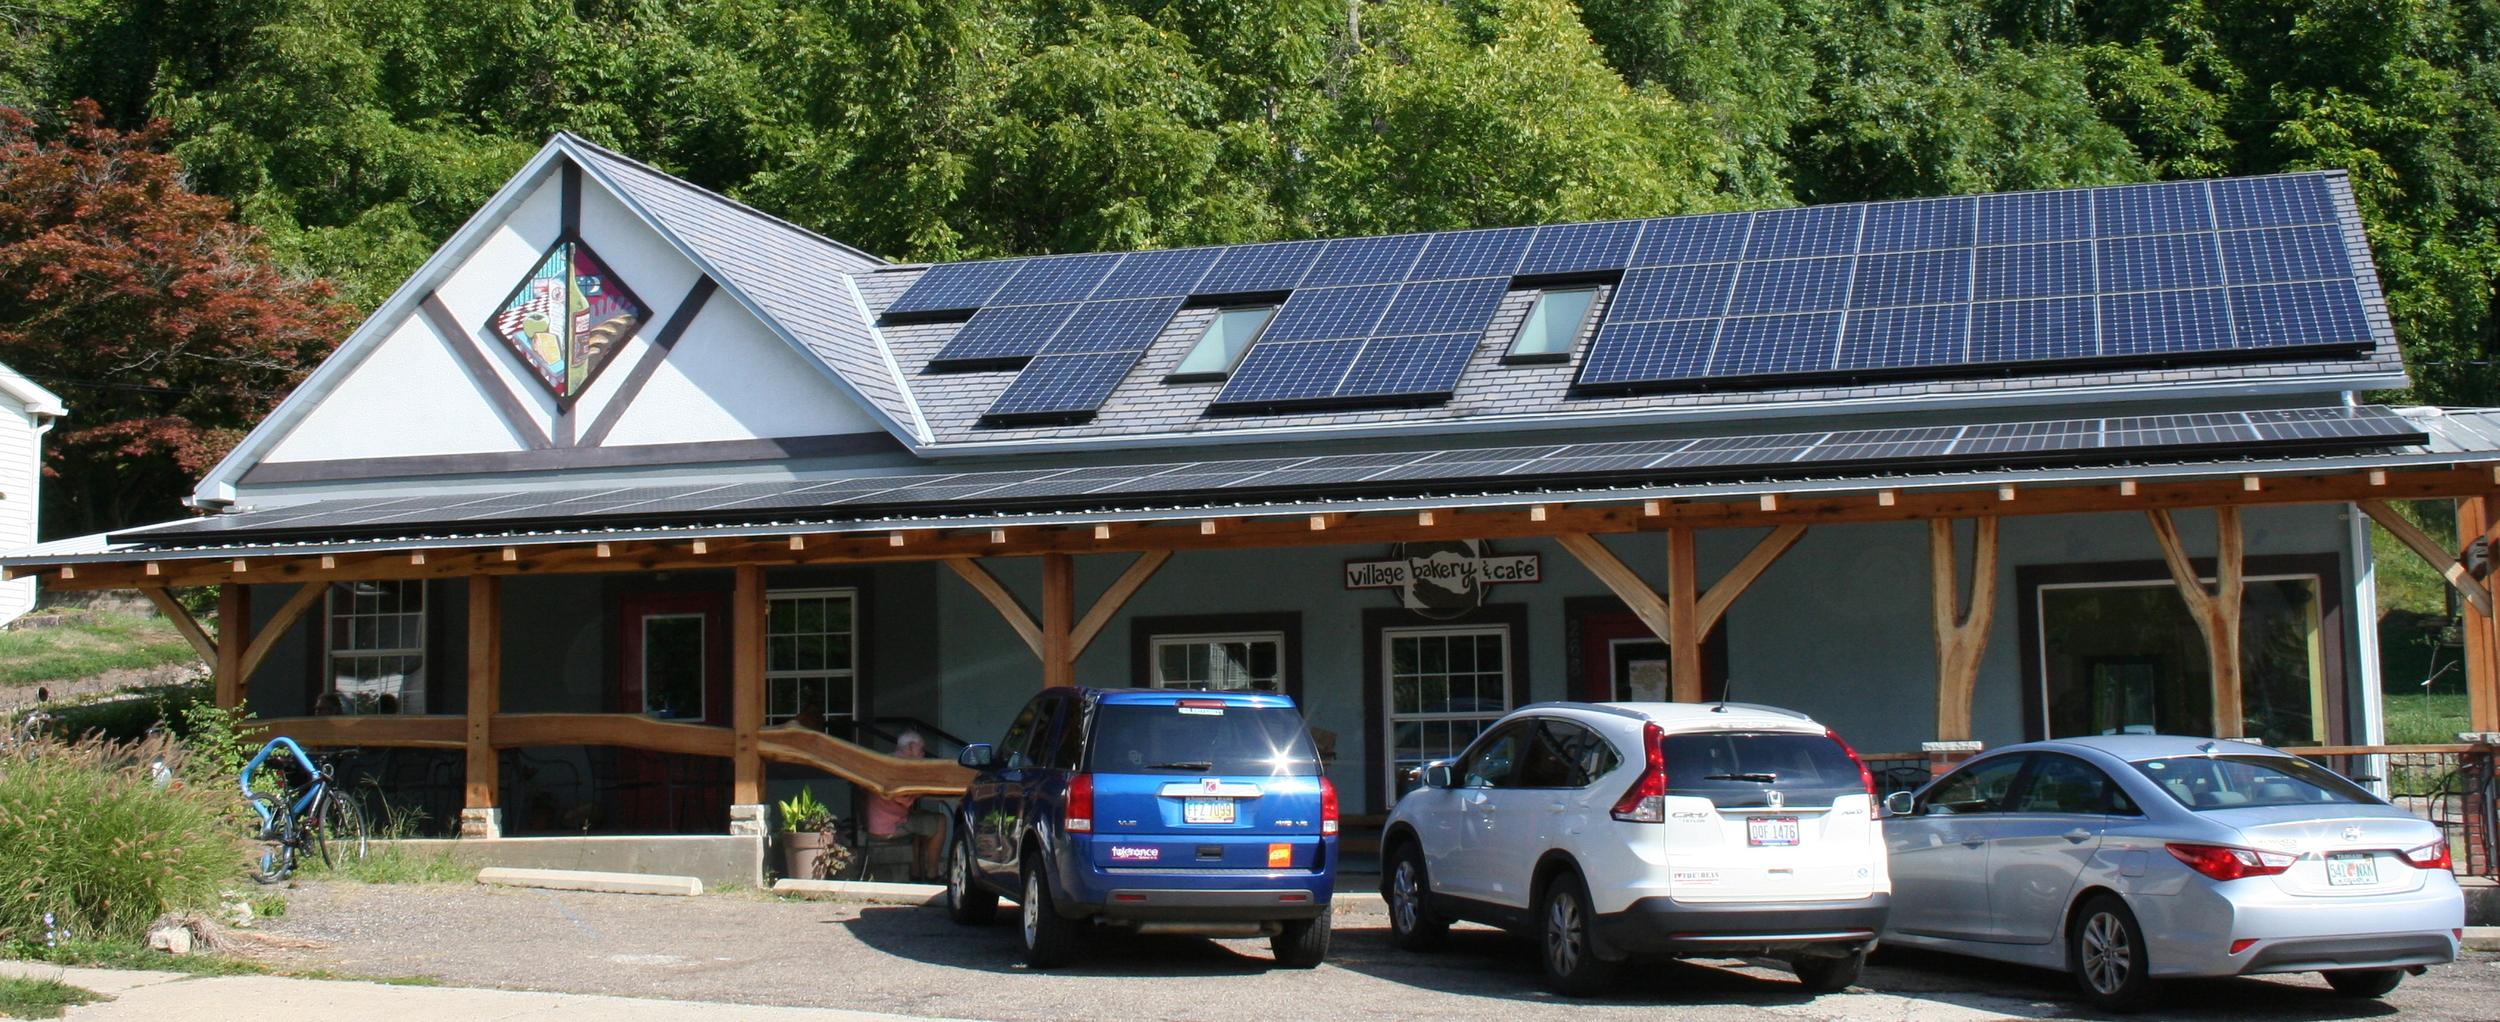 Solar installation at Village Bakery